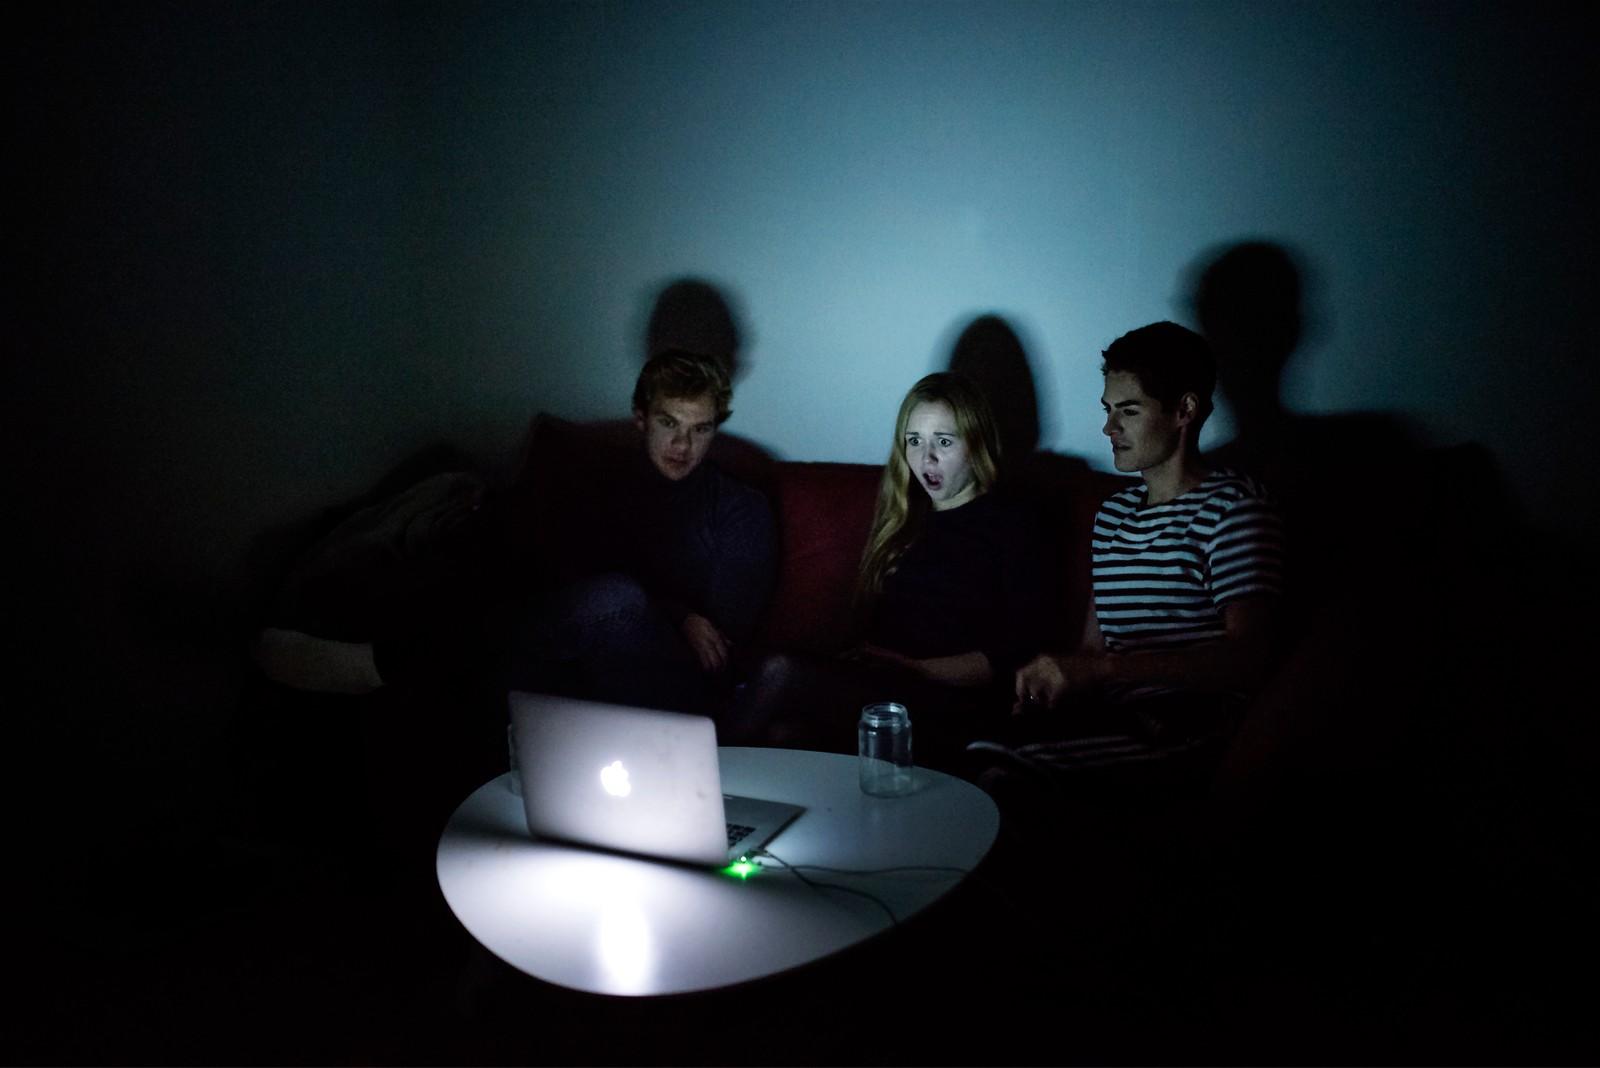 2. plass Åpen klasse: Maud Lervik Grøttland, praksisstudent Politiken.  Streamere: I København streamer 46 prosent minst en gang i uken. Man kan «bingewatche» – se tv-serier mange timer i strekk – enten alene eller med venner. Kanskje inviterer man dater eller kjærester over på «Netflix and chill» eller møtes med venner hver mandag for å se Westworld eller en episode av New Girl, før man faller i søvn. Fra venstre: Joachim B. Gjerdevik (25), Elvira Broberg (22) og Kai Lindal (22).